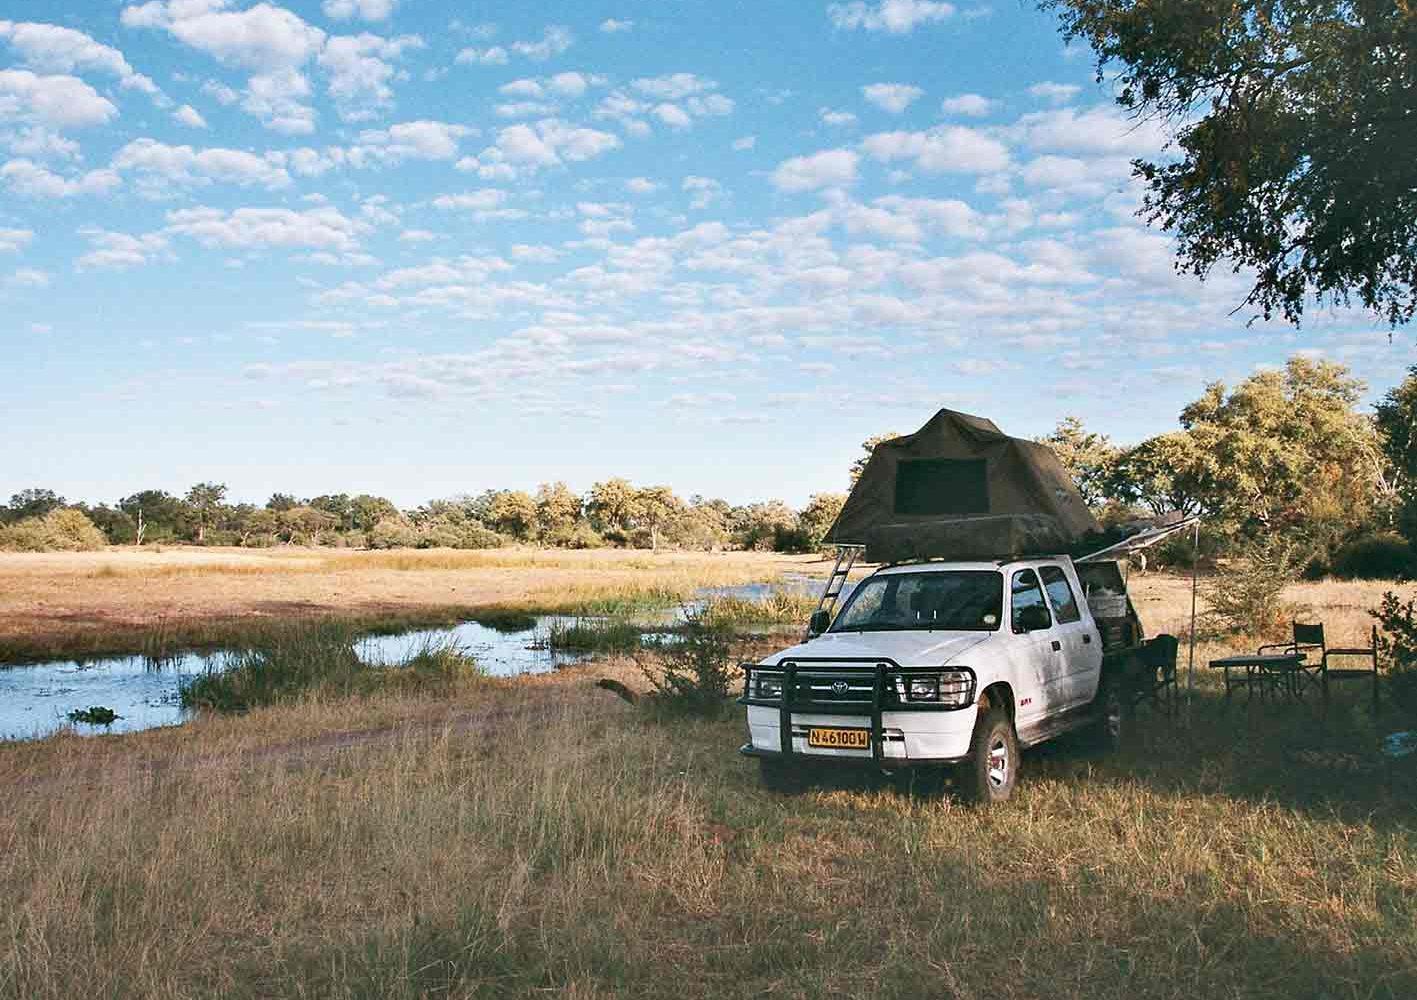 Übernachten im Zelt auf dem Dach des Autos, Botswana